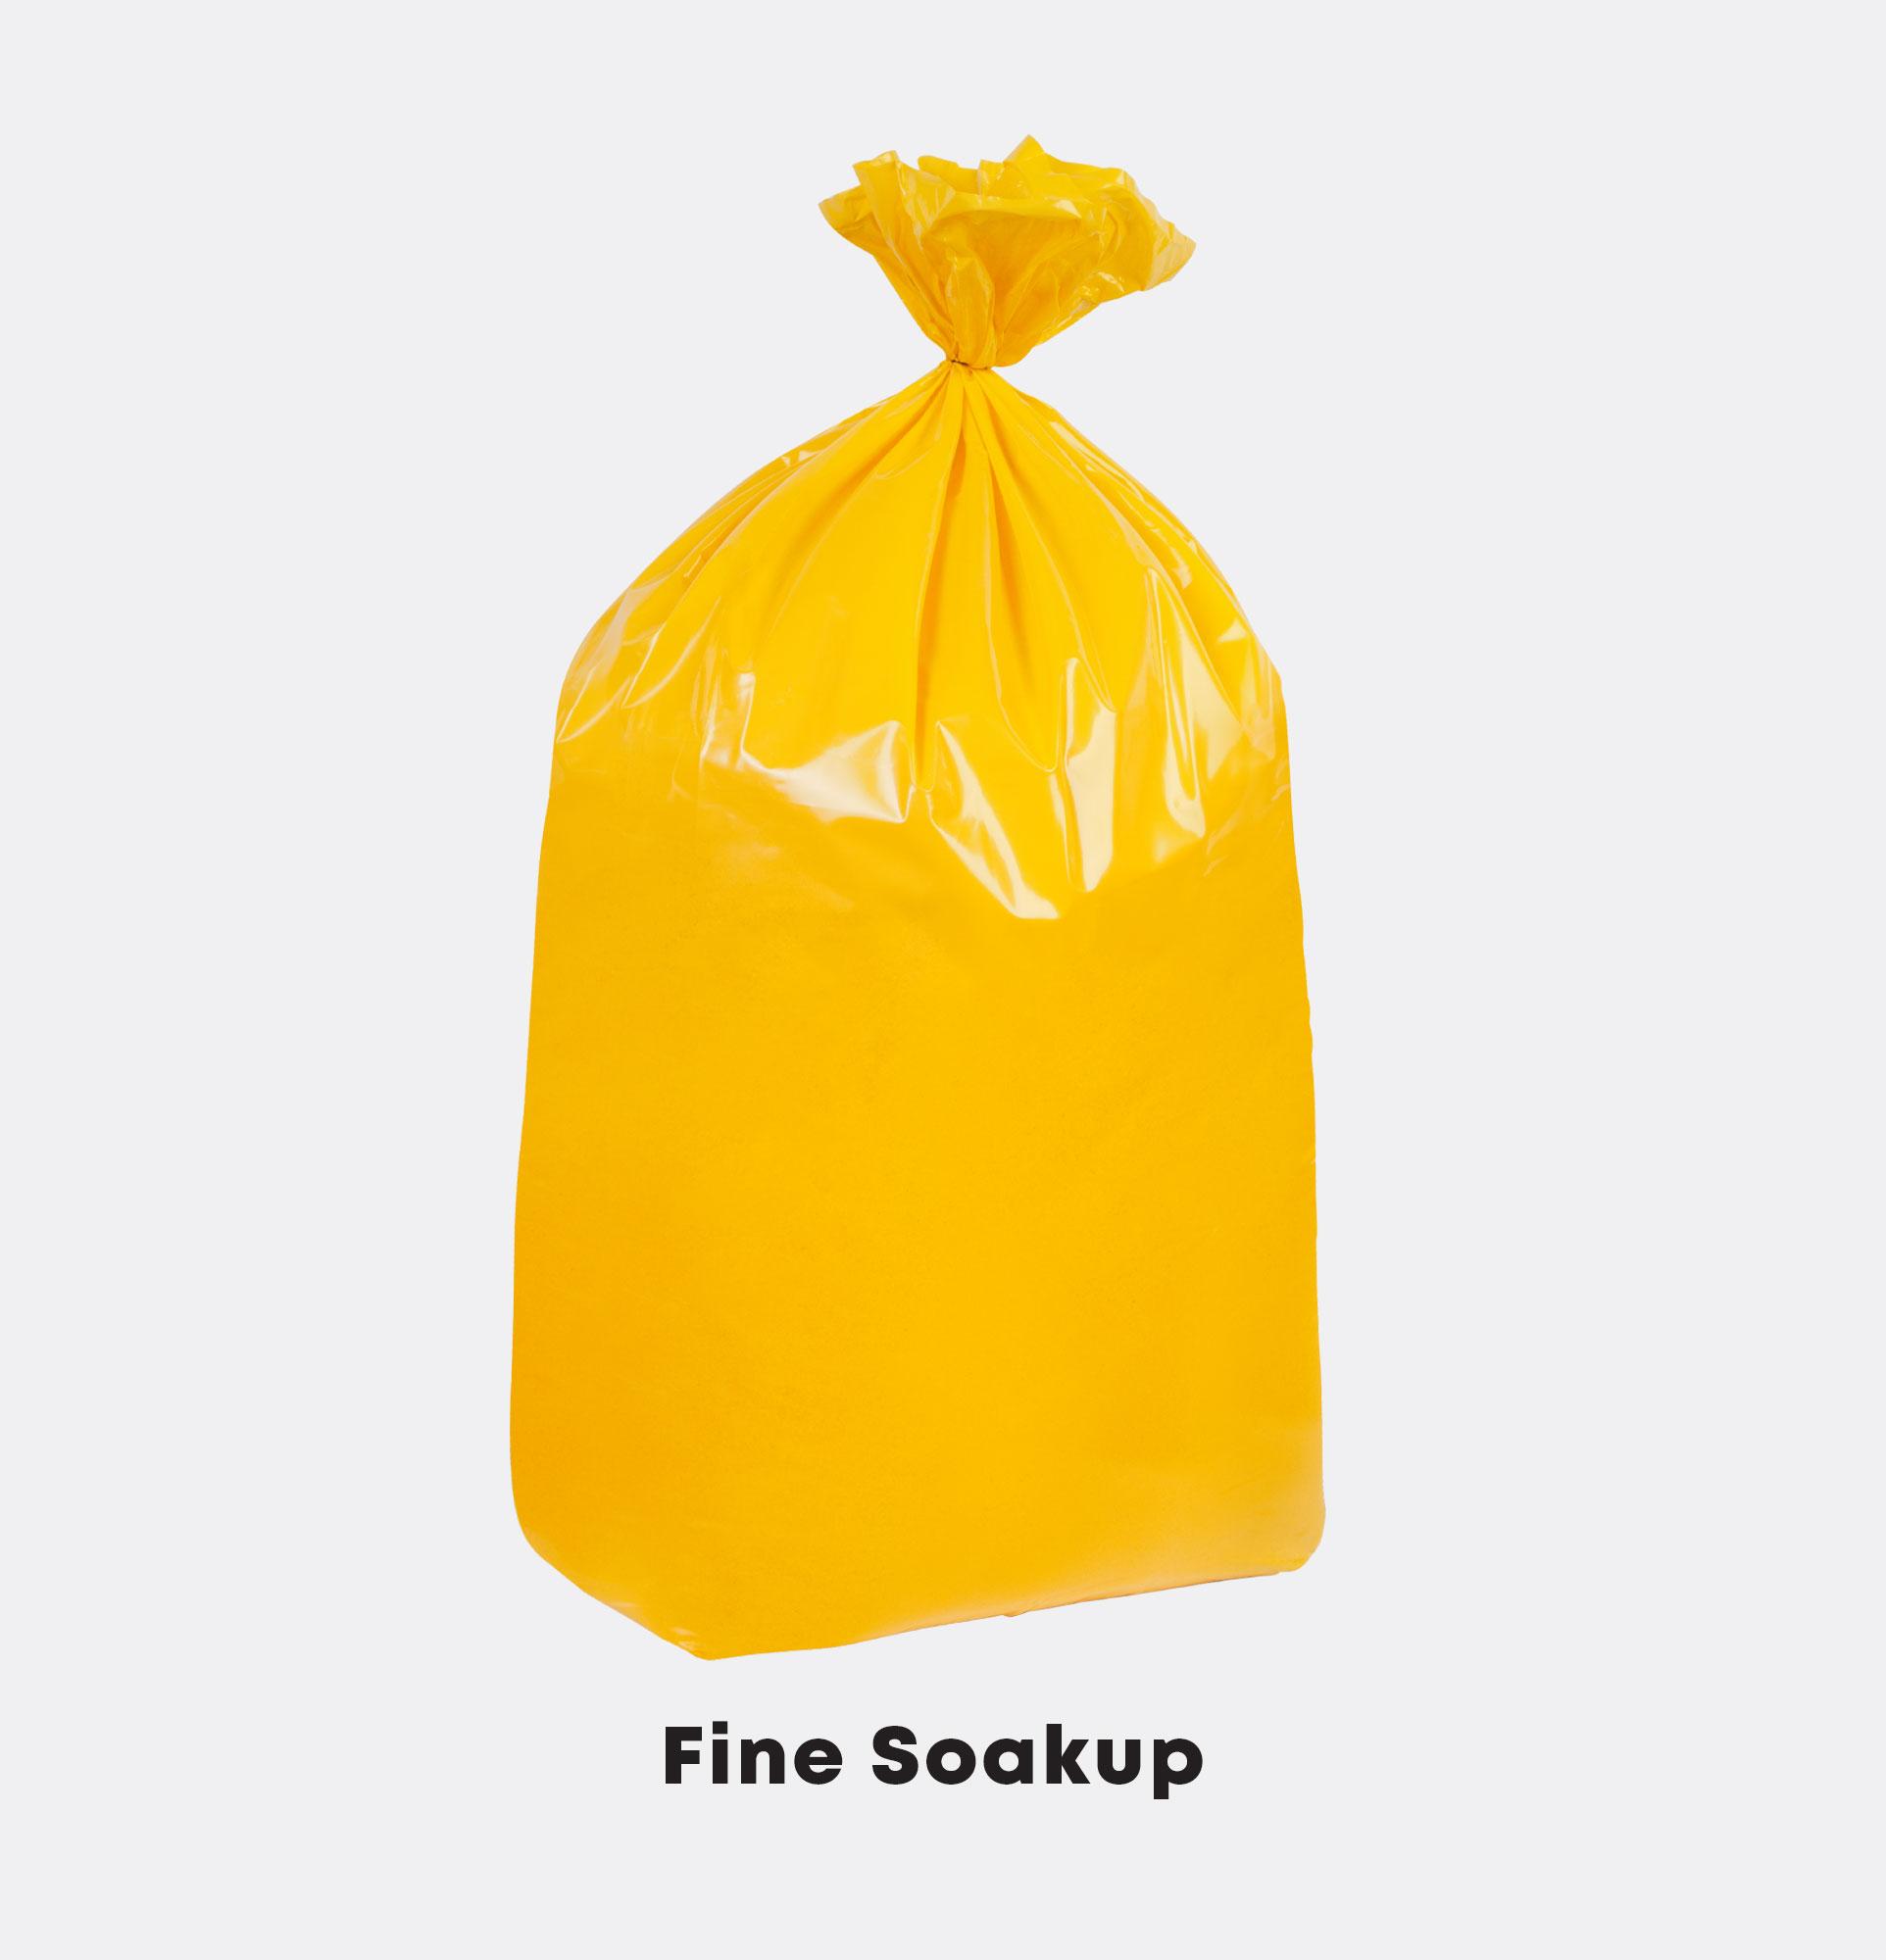 Fine Soakup